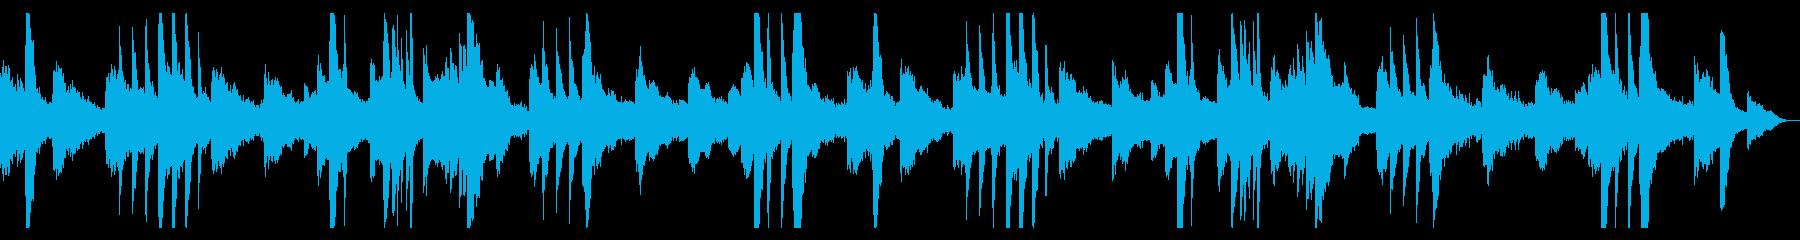 ピアノとギターのアンビエント1の再生済みの波形